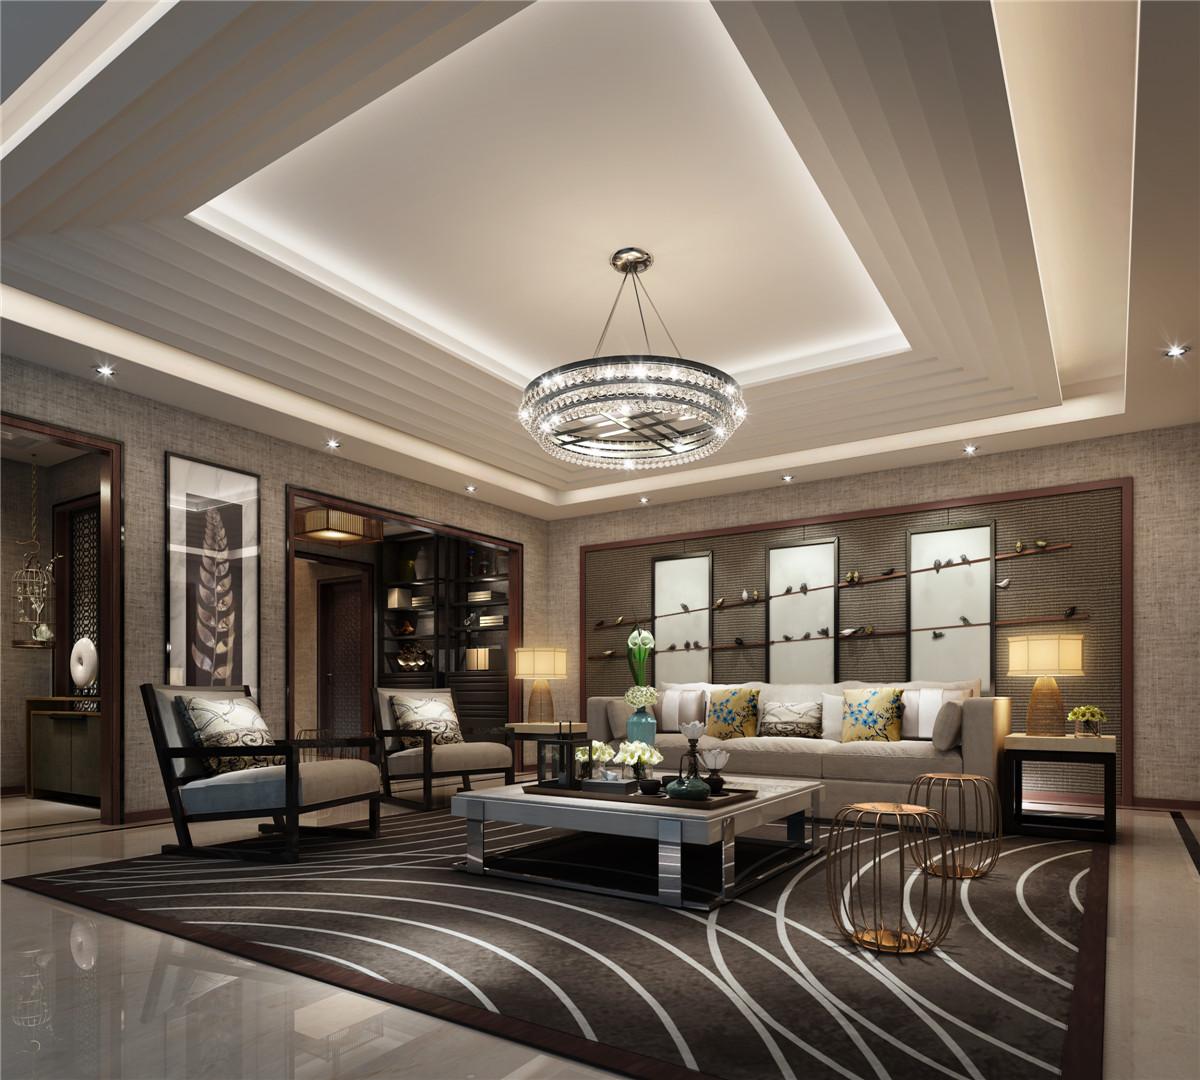 别墅装修 别墅设计 现代风格 奥邦装饰 客厅图片来自上海奥邦装饰在浦江华侨城别墅最新设计简约风的分享